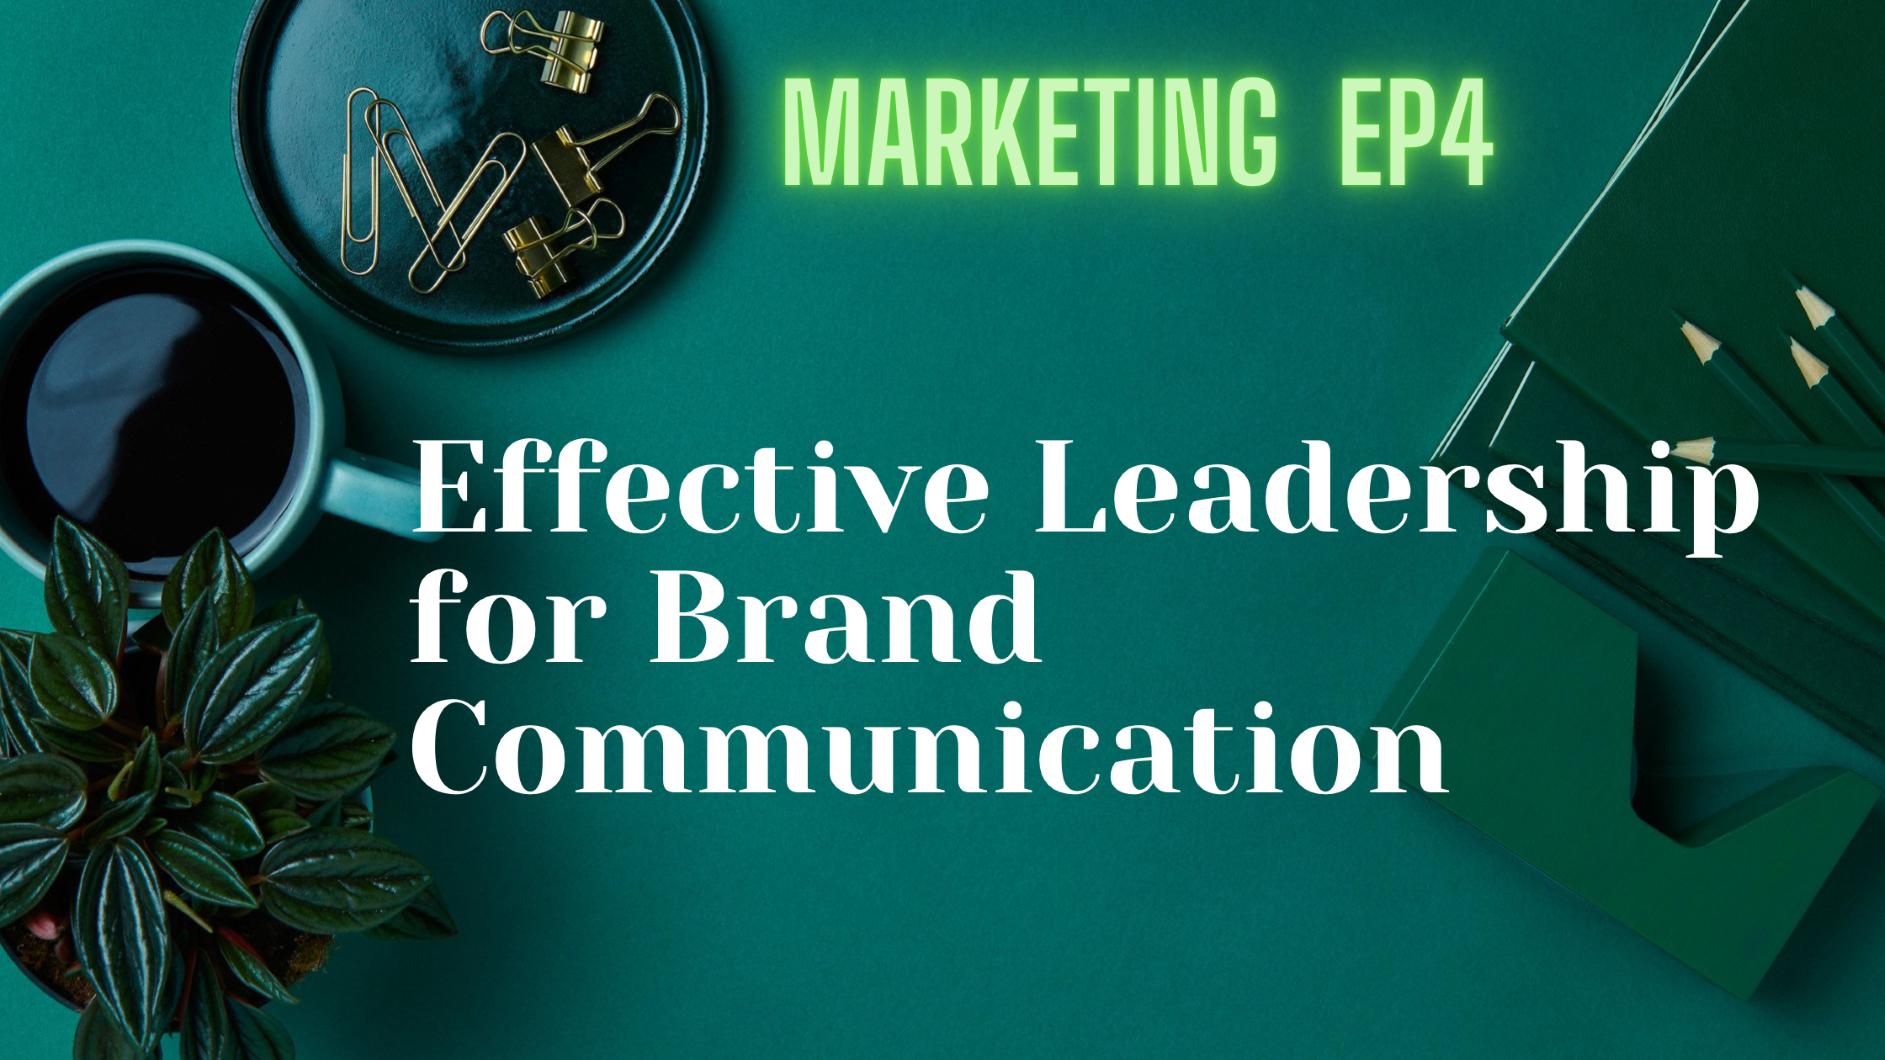 ผู้นำที่มีประสิทธิภาพสำหรับการสื่อสารเพื่อการสร้างตราผลิตภัณฑ์